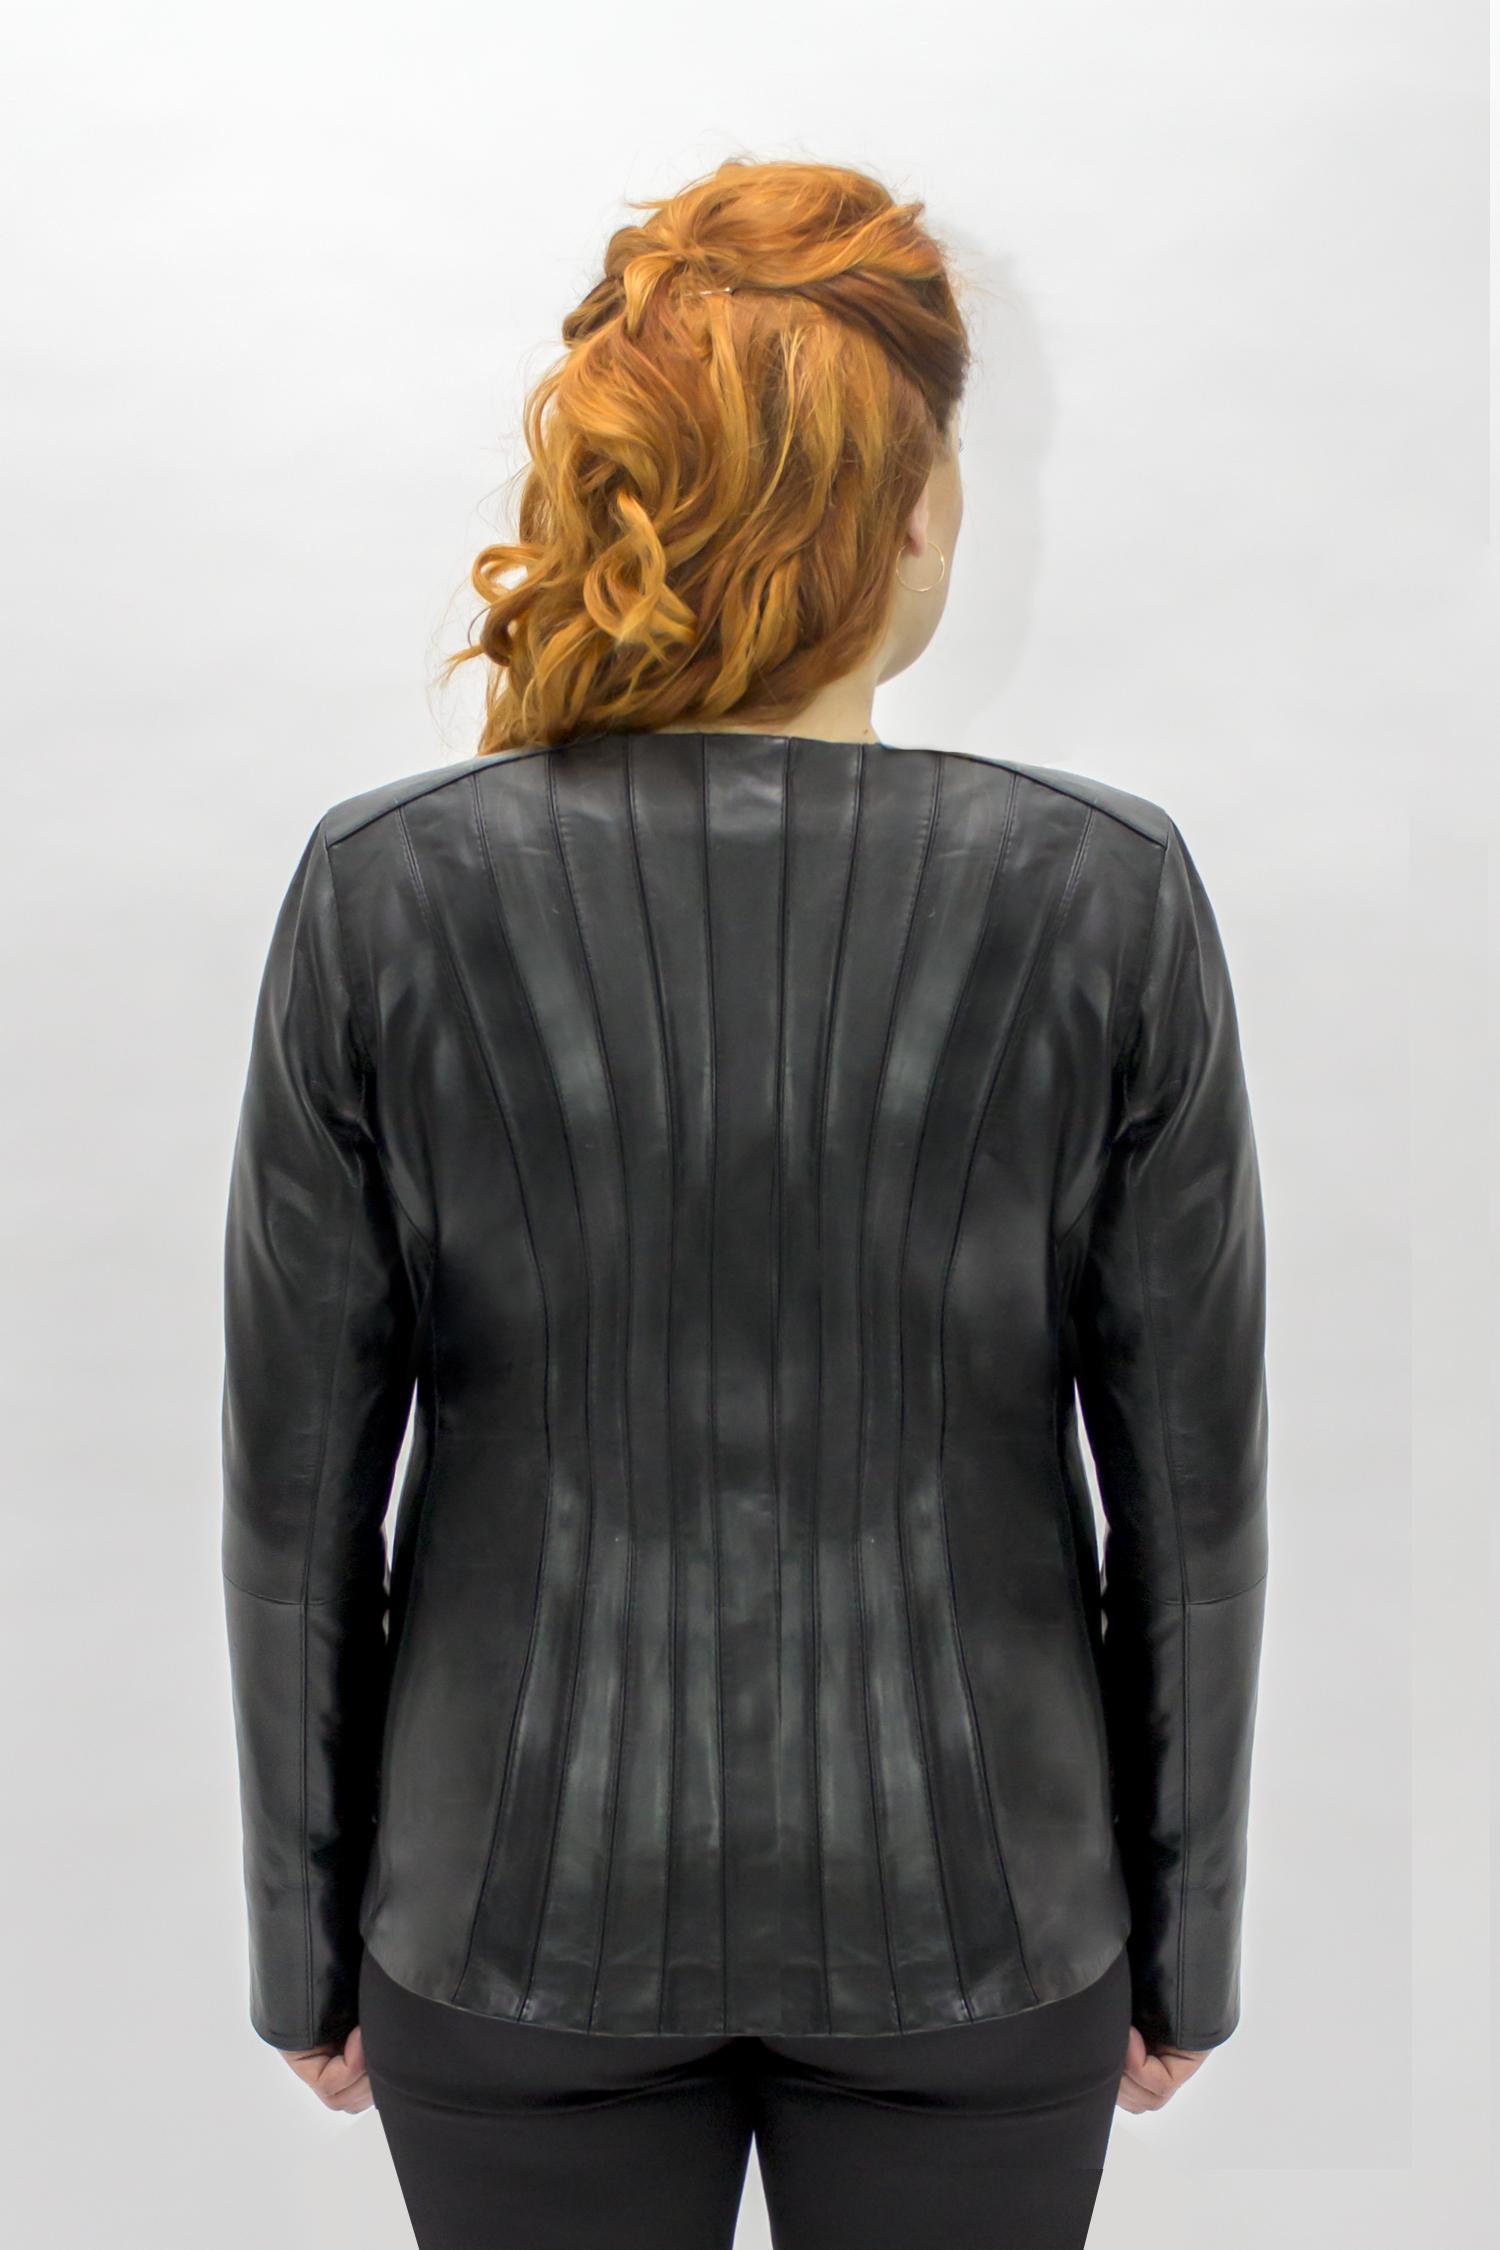 Дубленка женская из тосканы с капюшоном, без отделки